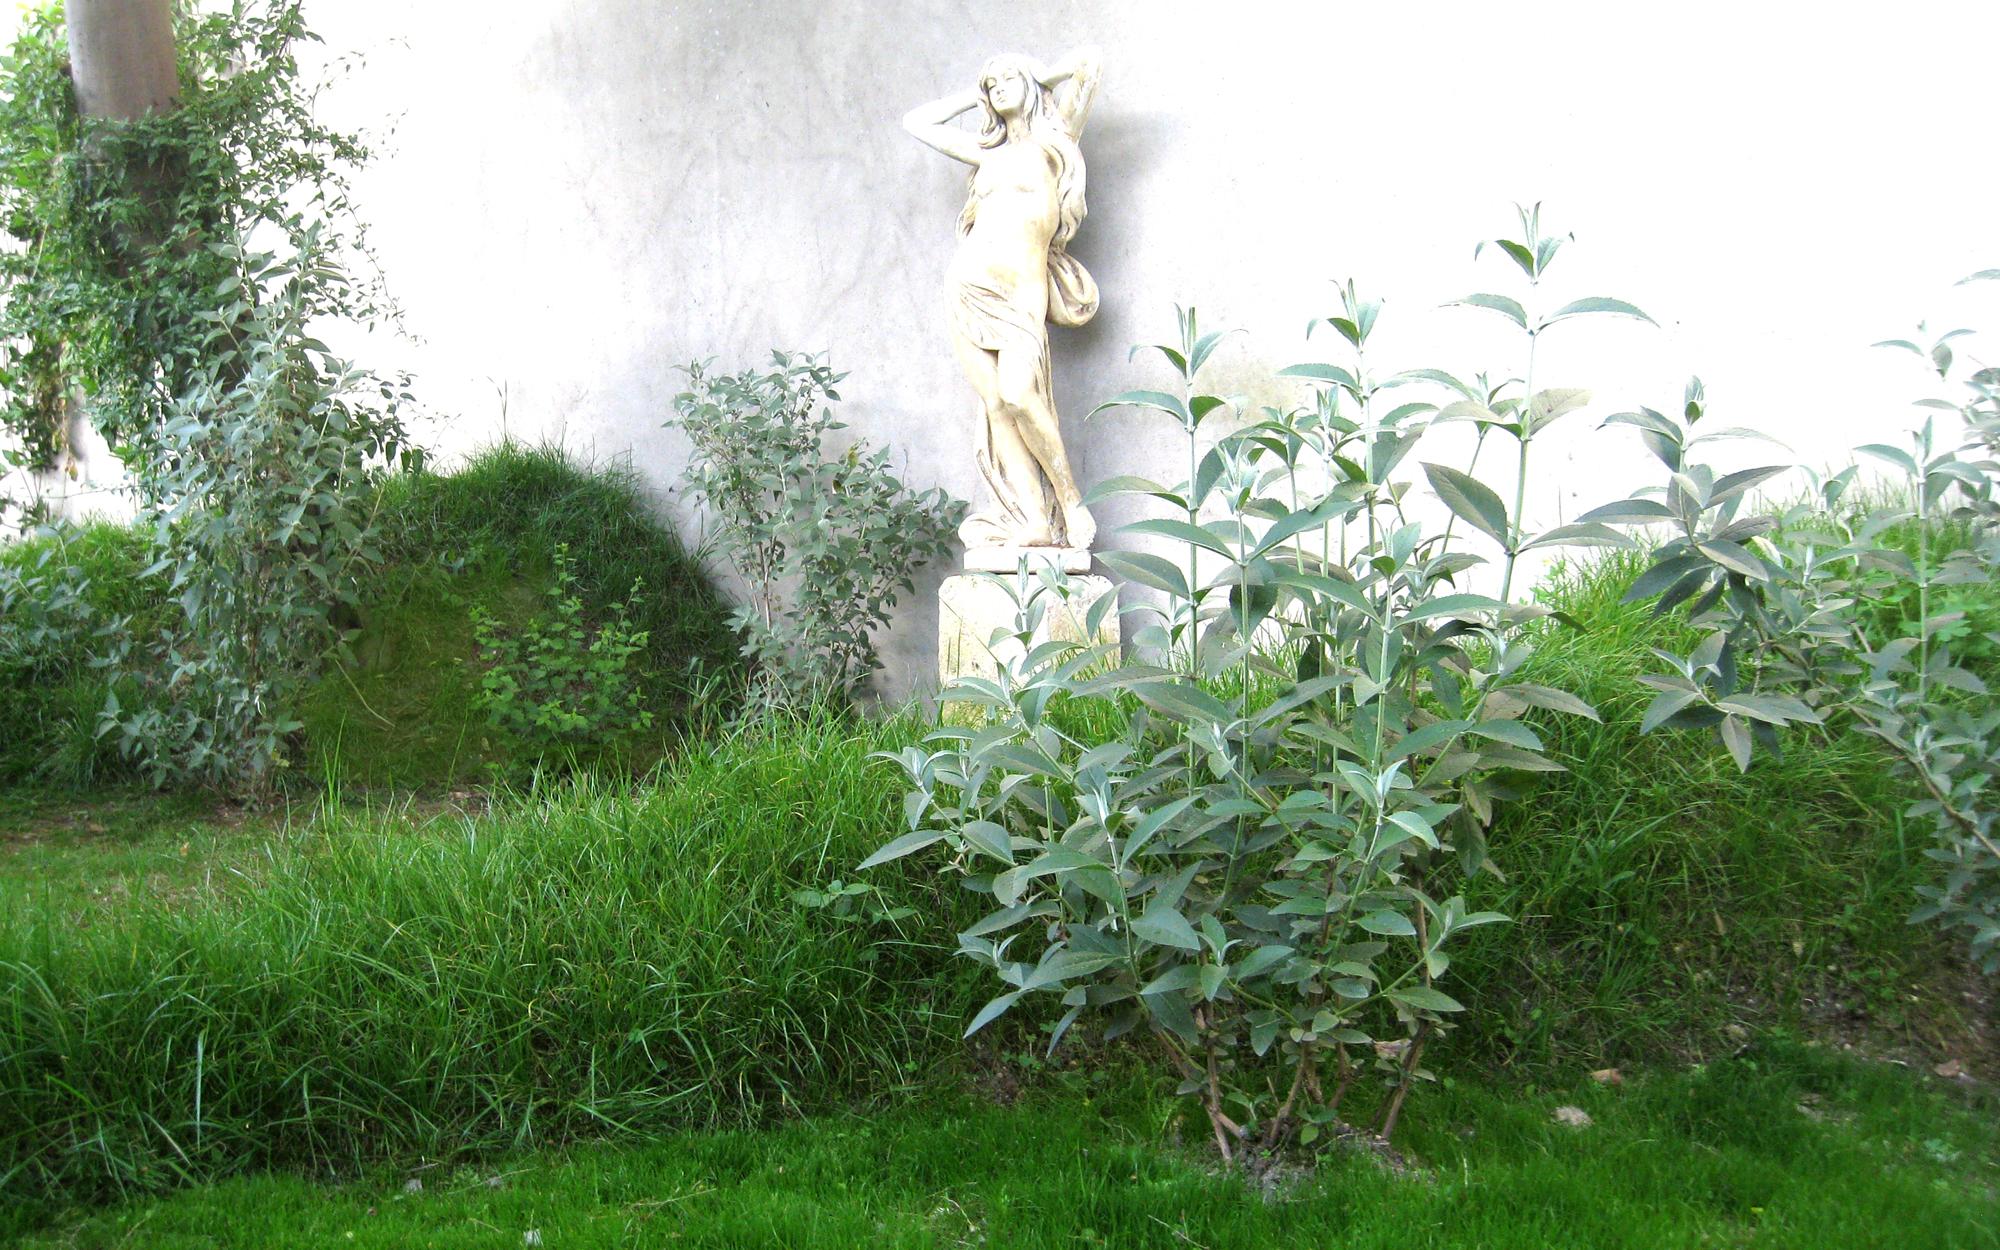 Hélène Soulier paysagiste Bordeaux, enseignante Ecole Nationale Supérieure d'Architecture et du Paysage de Bordeaux, ensapBx, jardins, châteaux, installations, workshops, jardin projet privé Billon